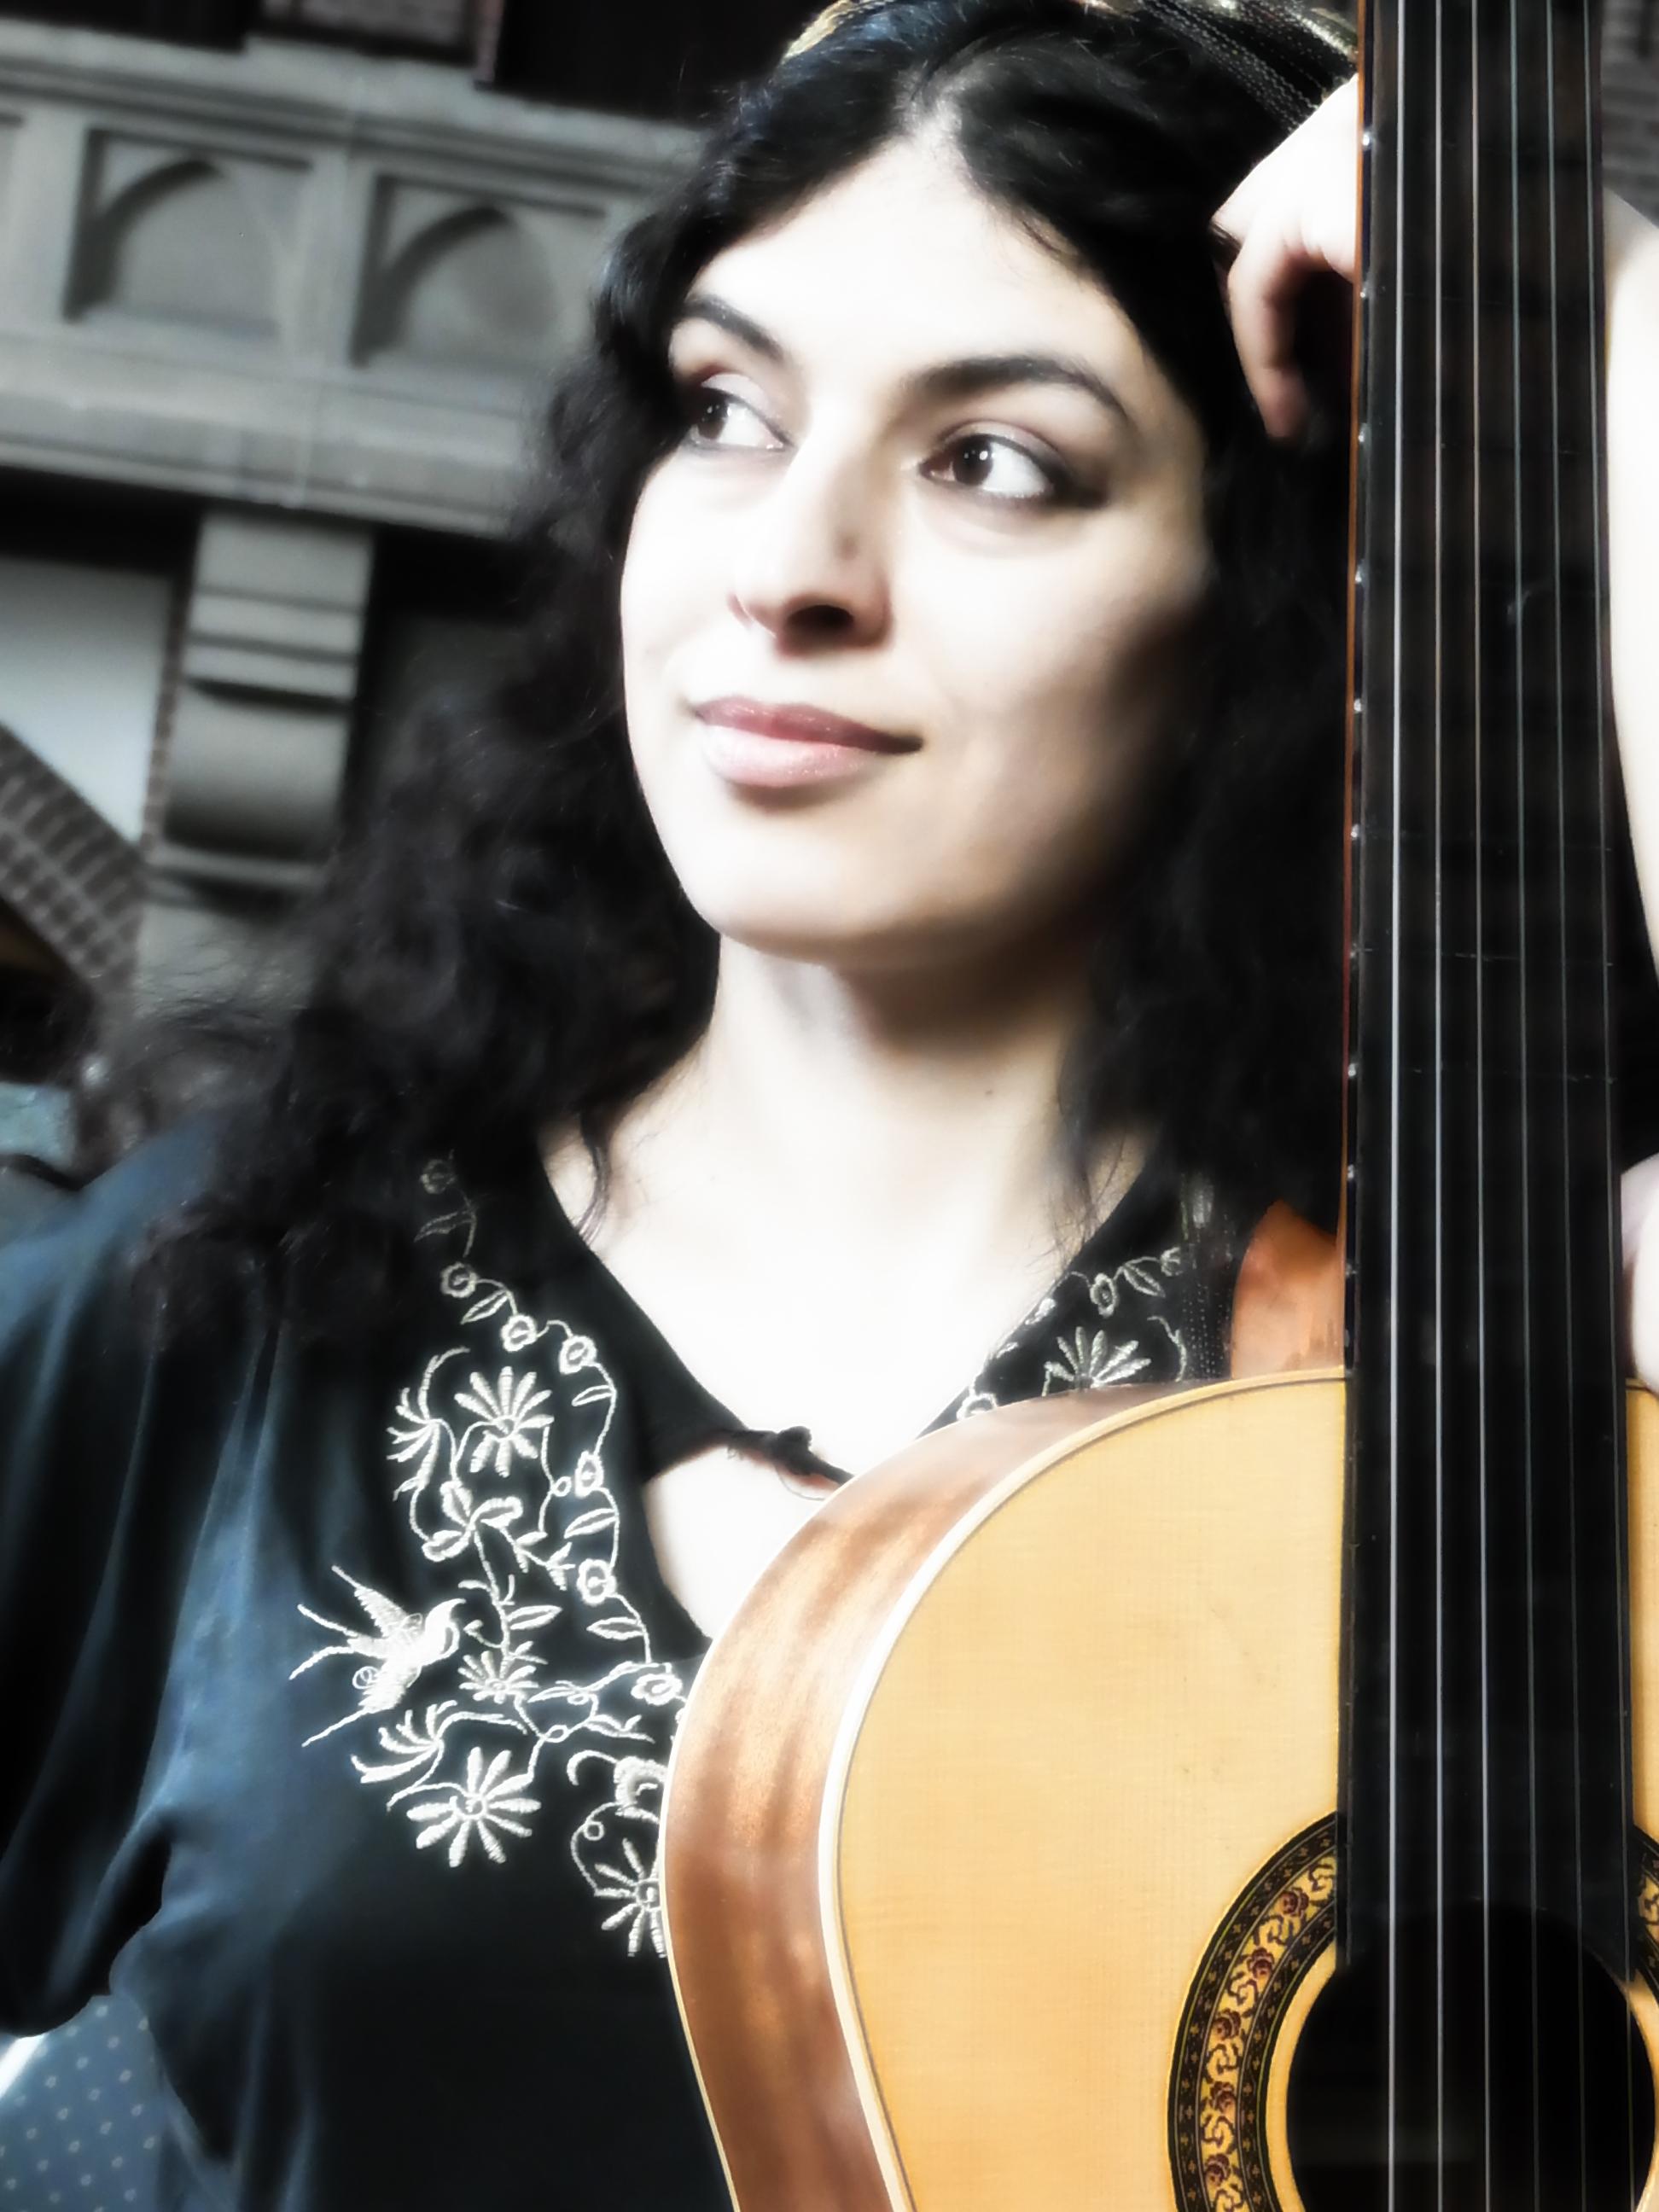 Saharvash fretless guitar